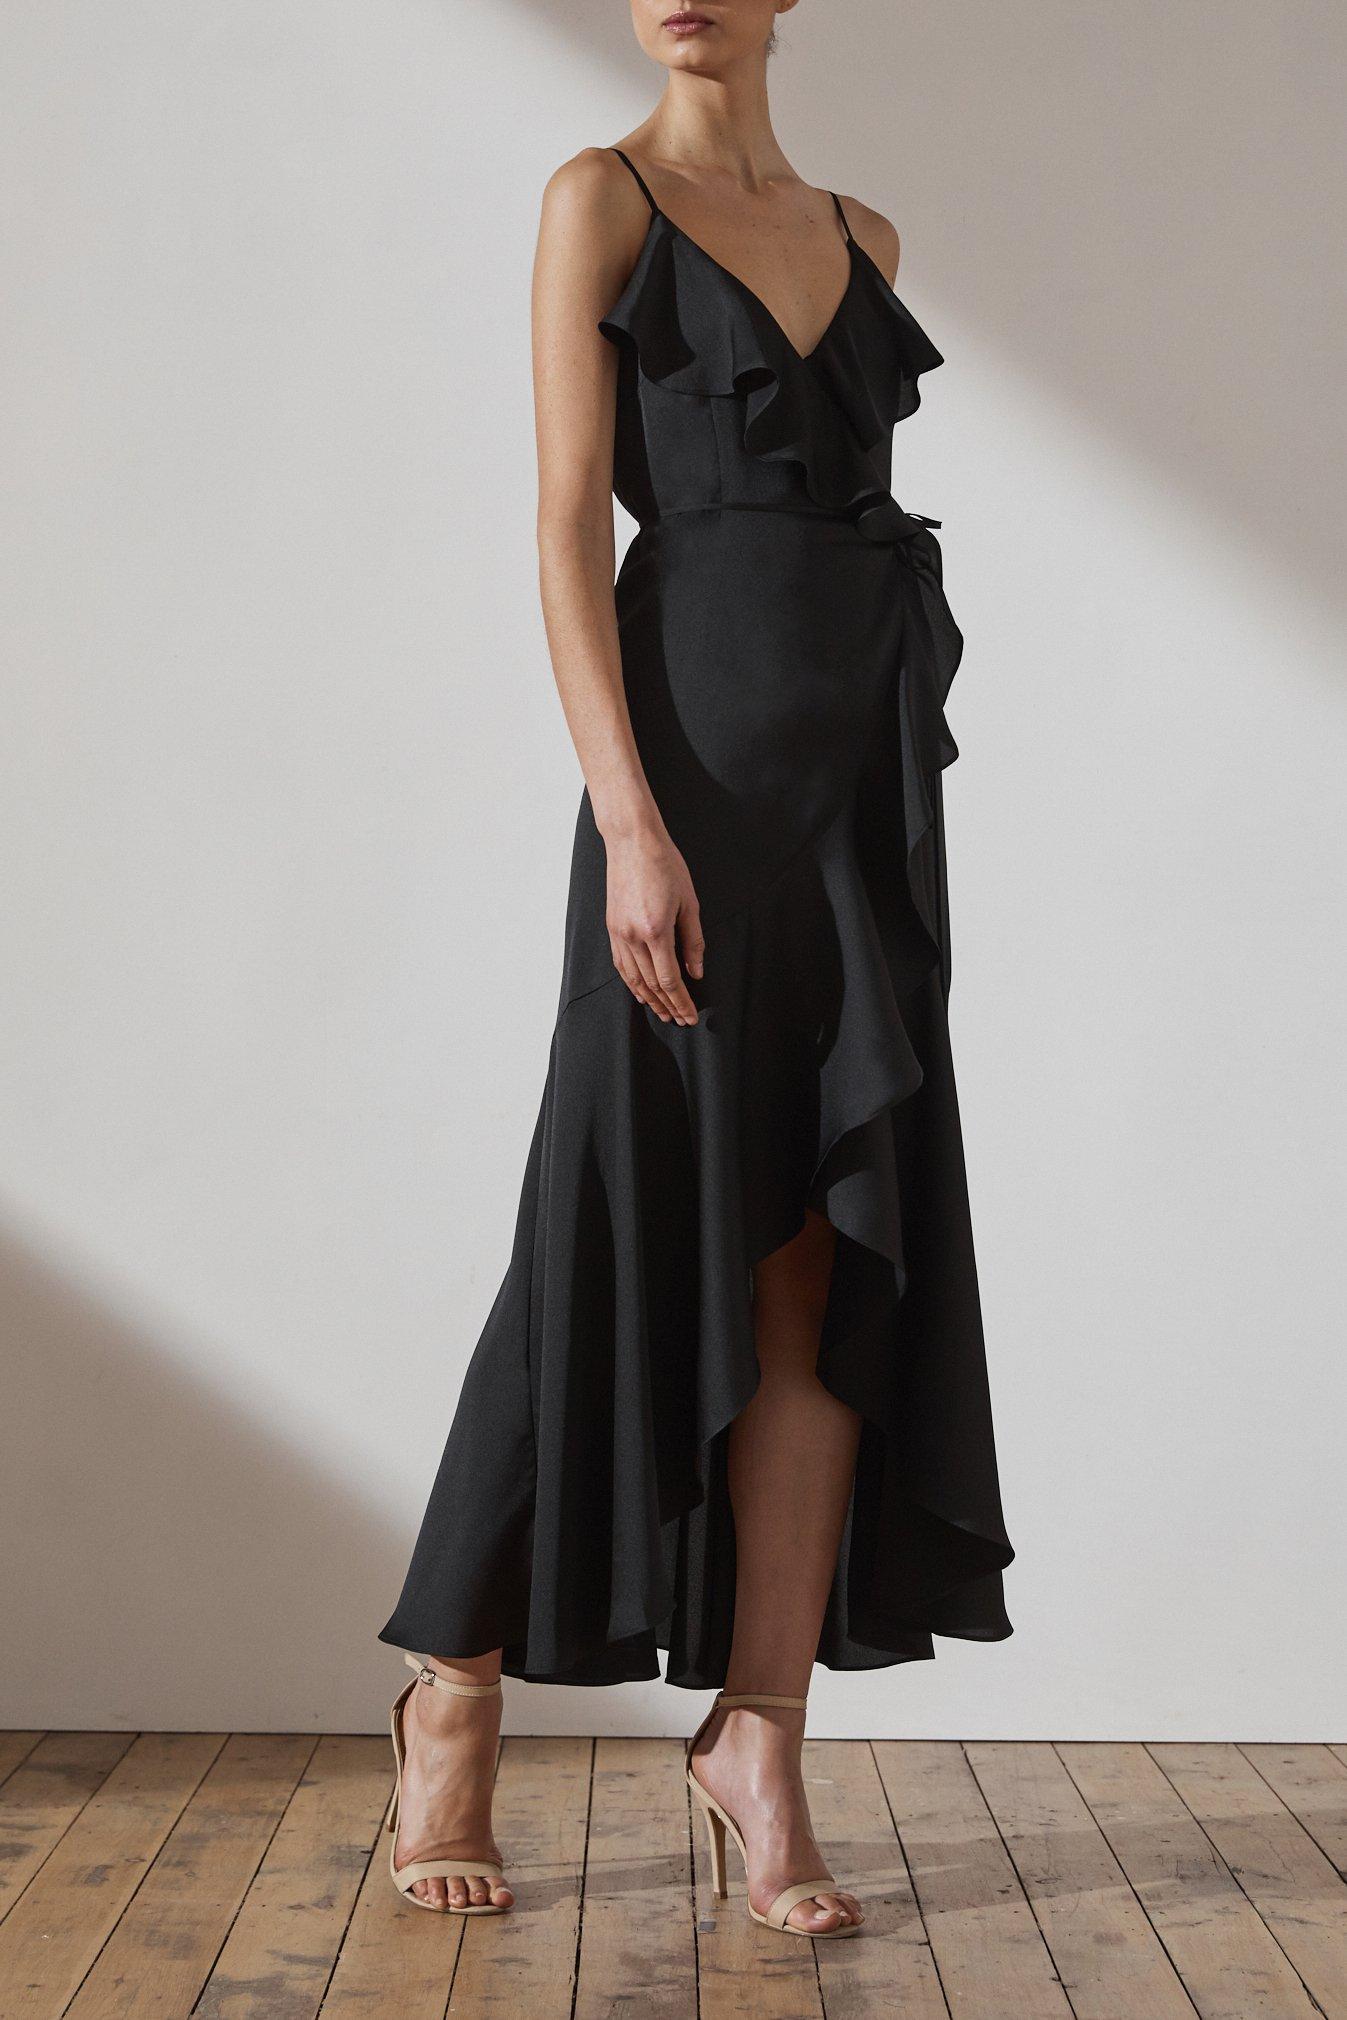 Evie Luxe Bias Frill Wrap Dress by Shona Joy - Onyx